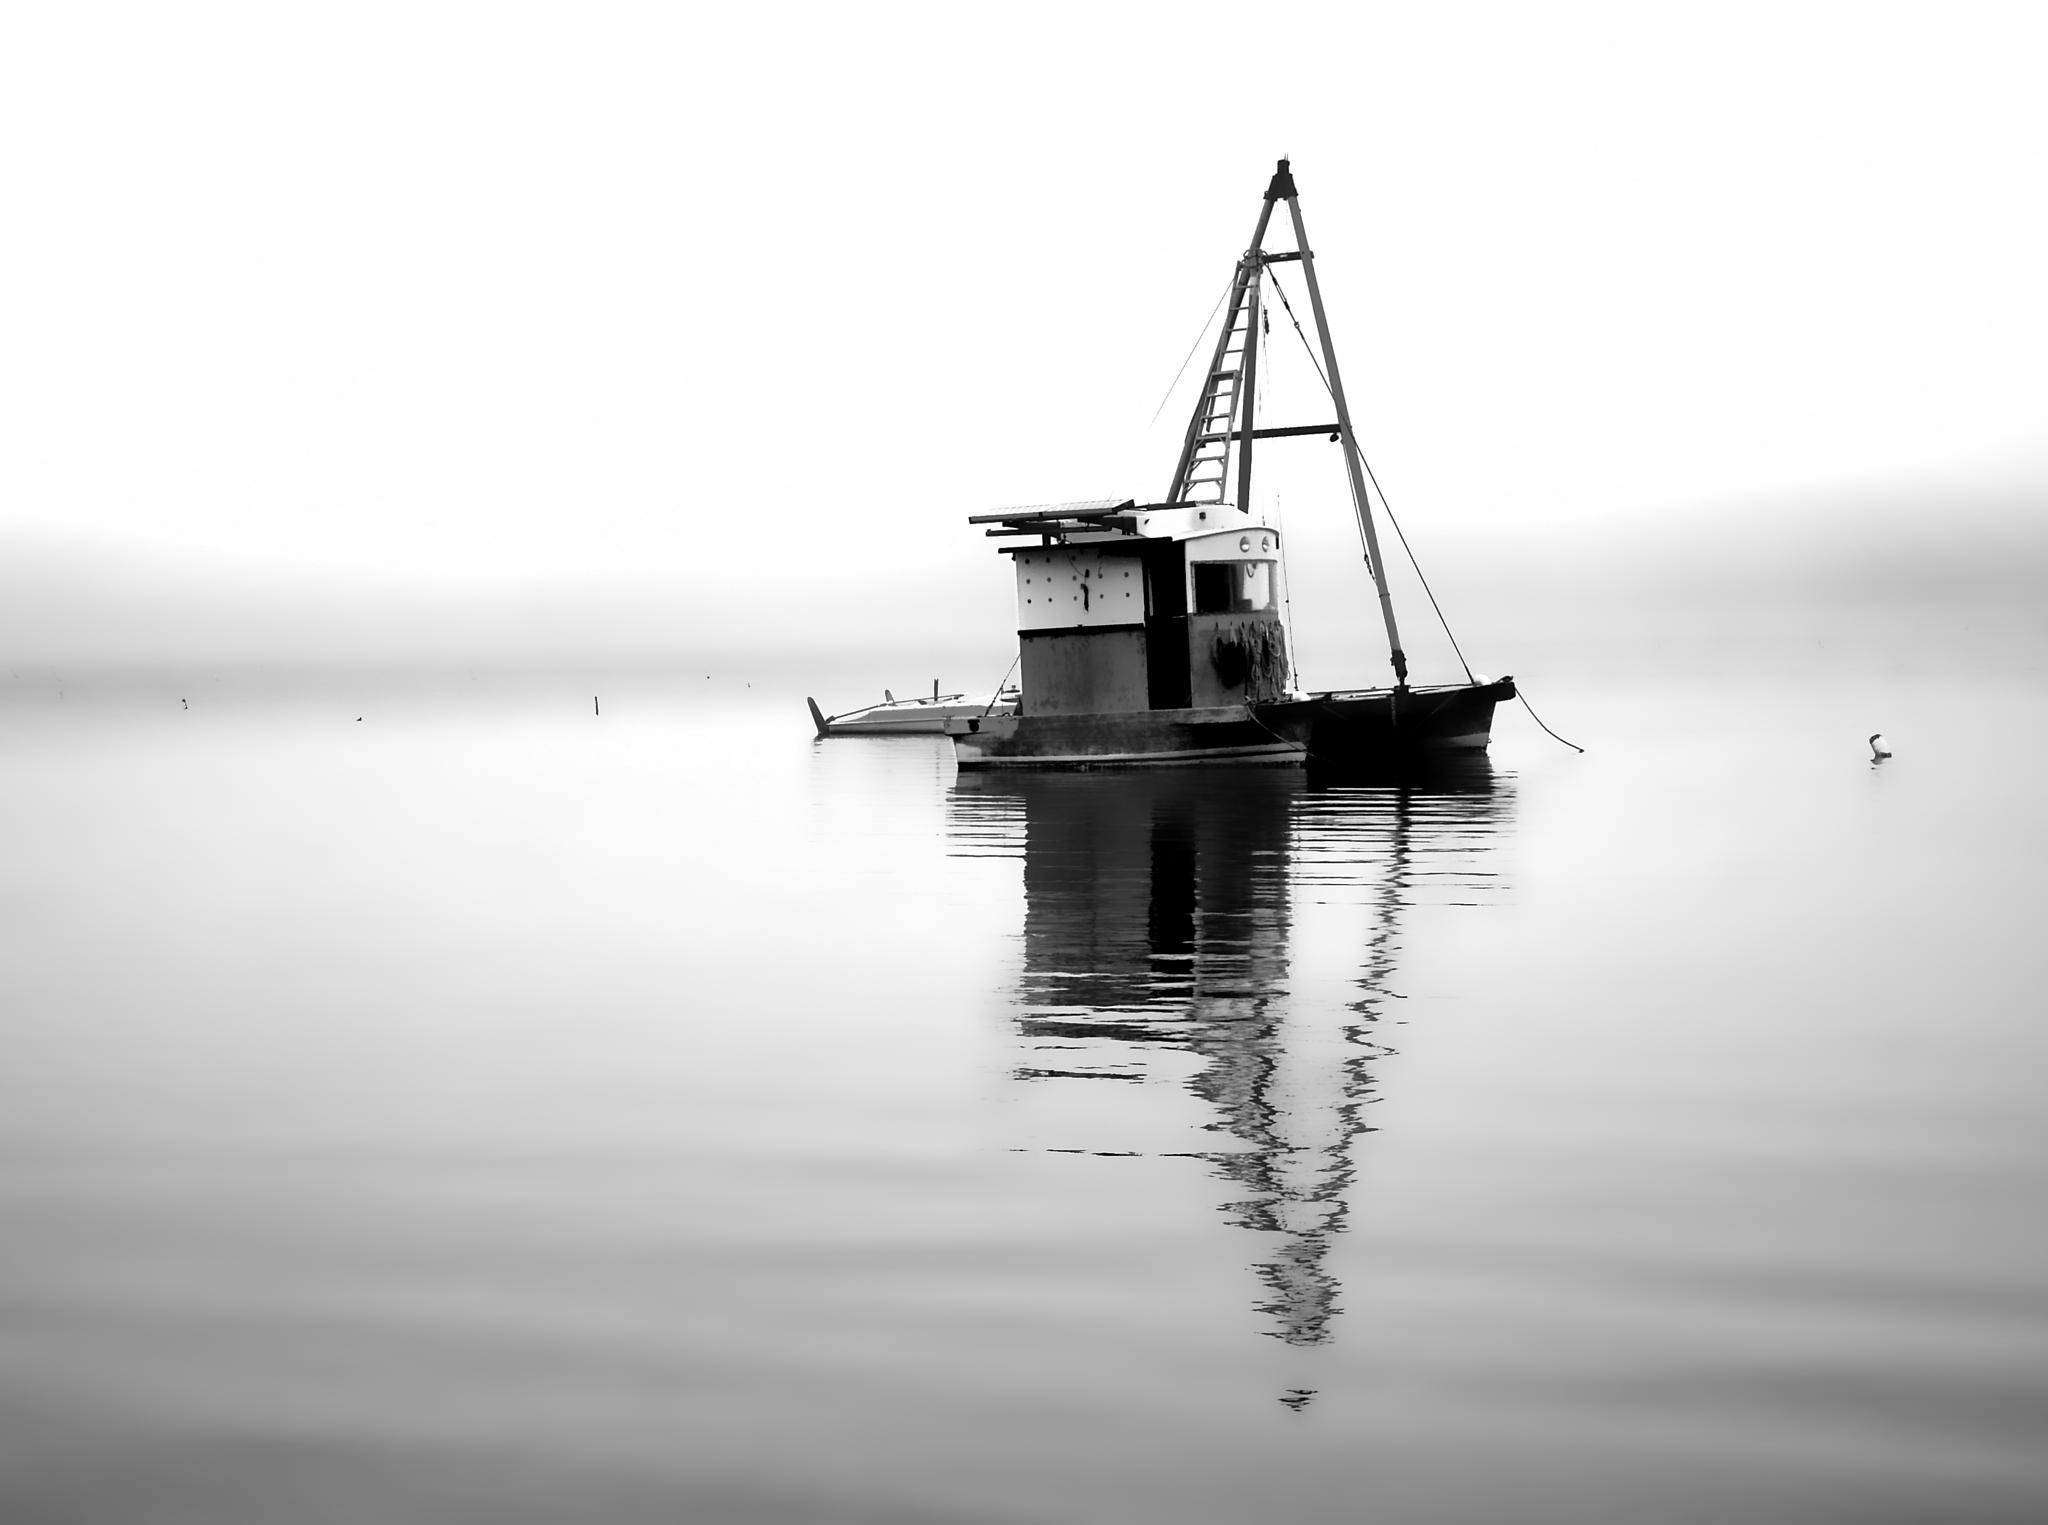 utility by David J DeCenzo